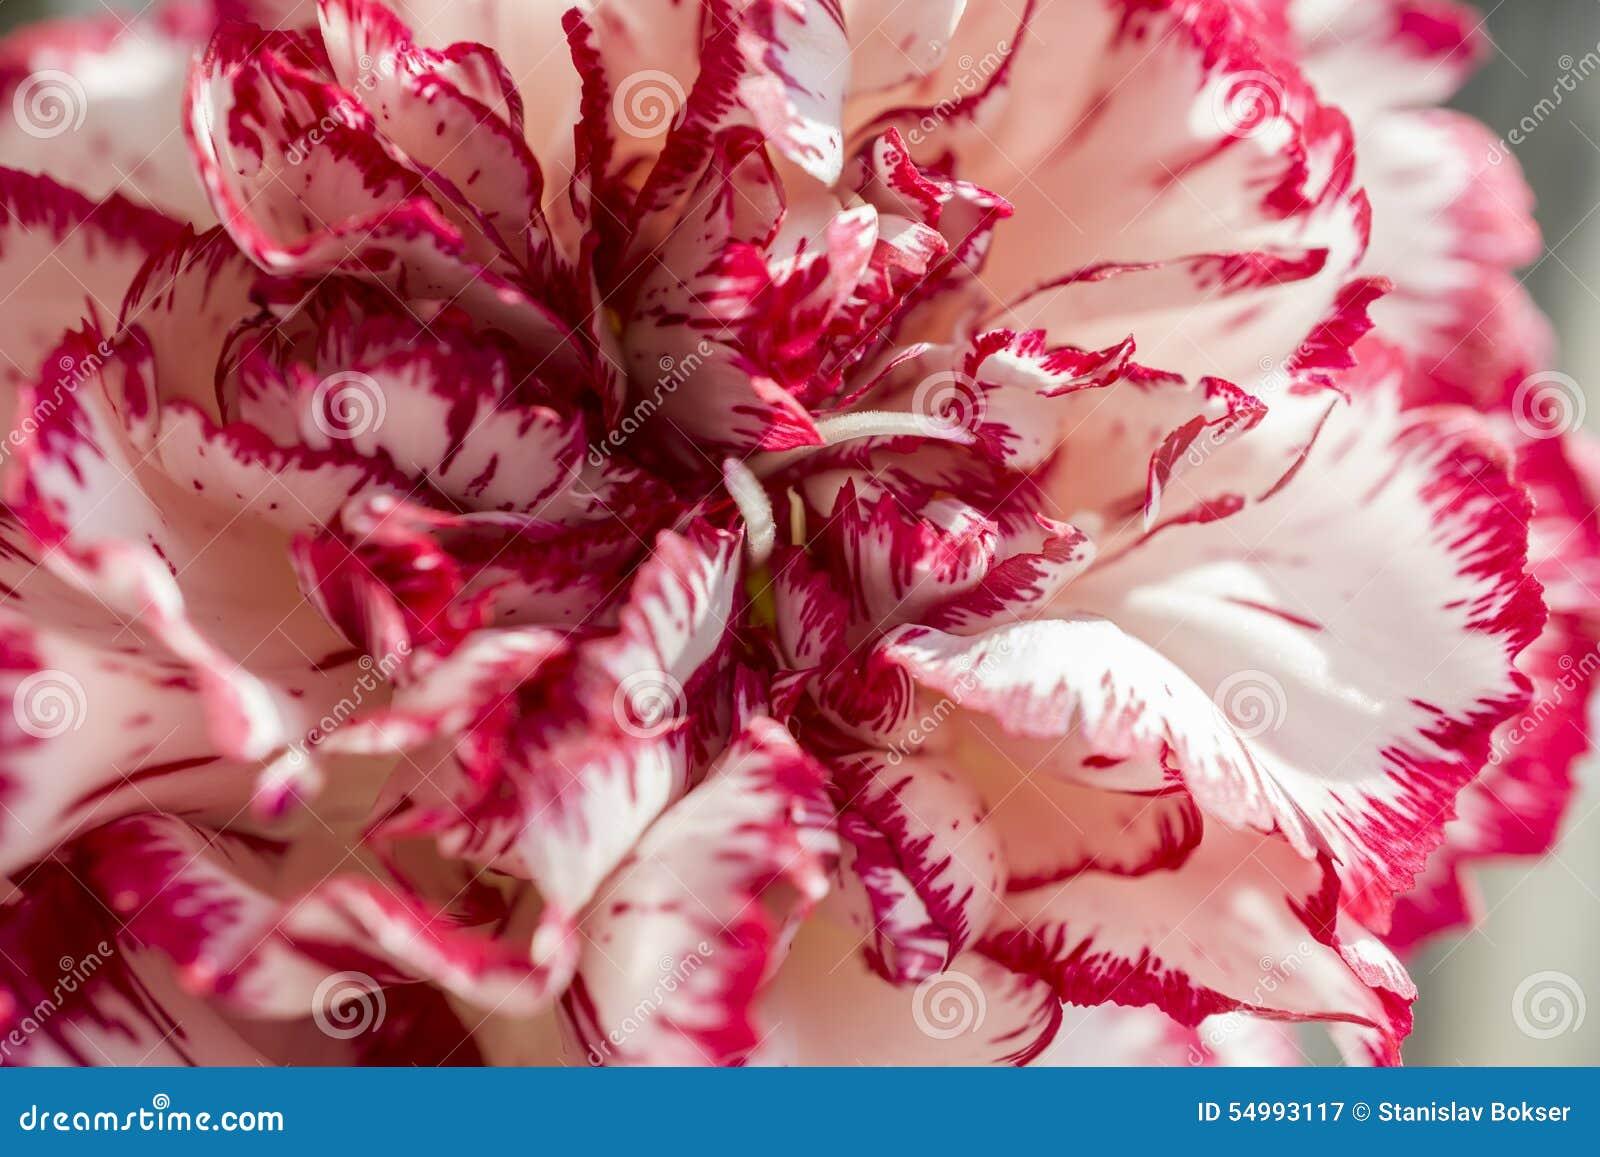 Exotisk vit och röd nejlika